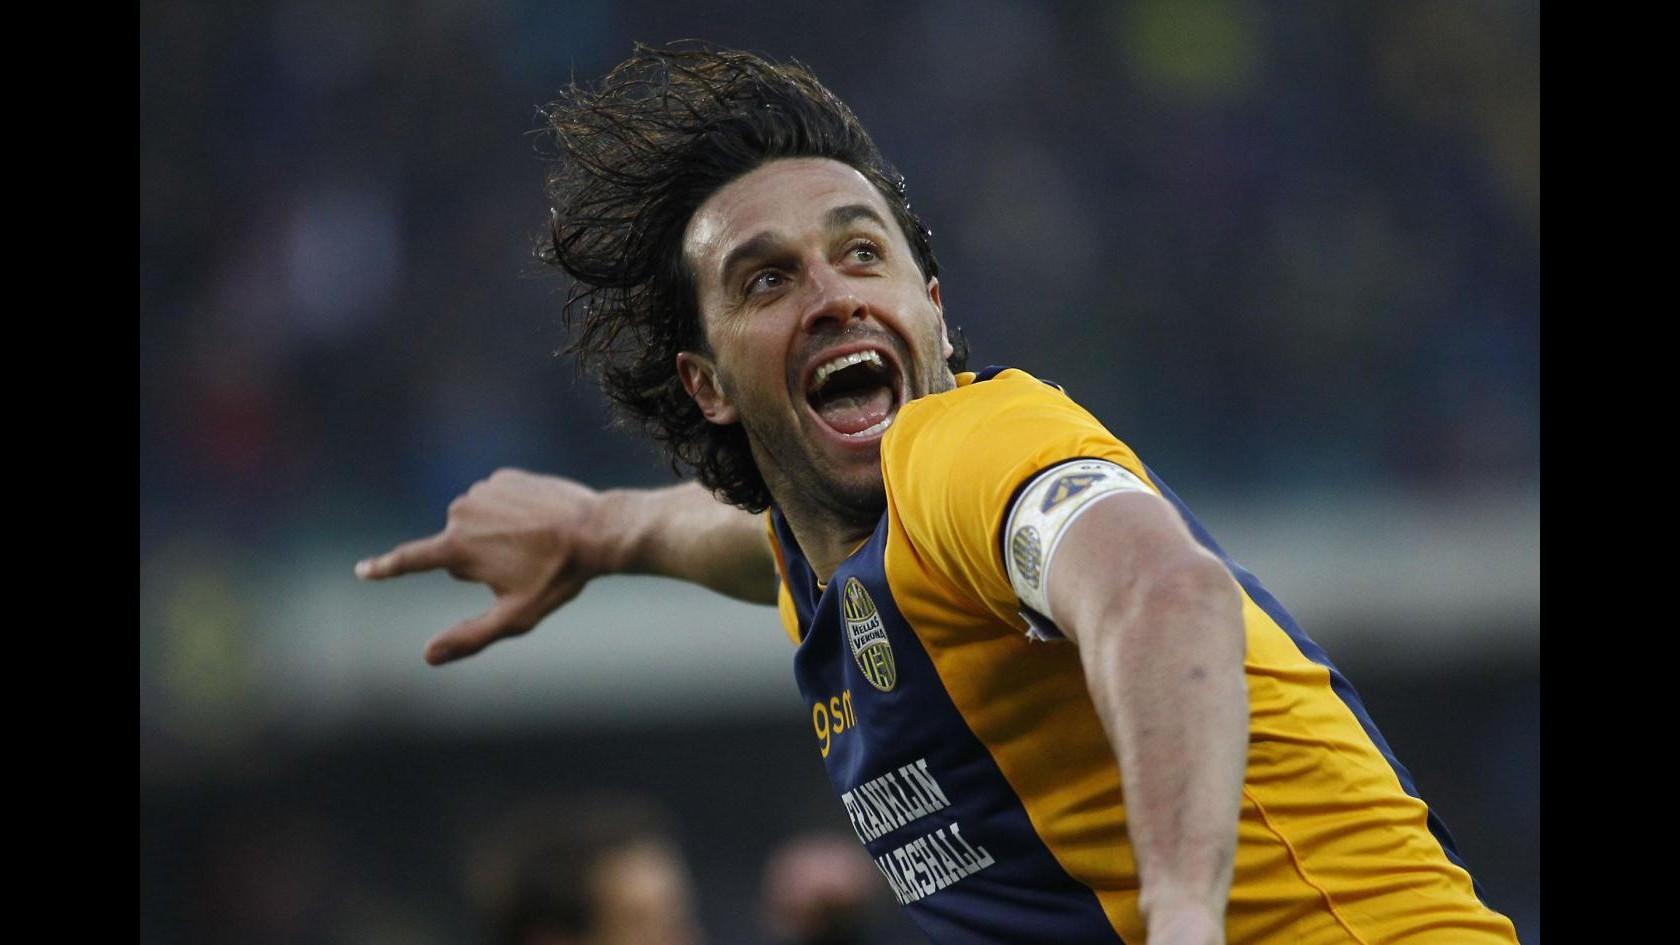 Serie A, Toni stende il Napoli: Hellas vince 2-0 e vede salvezza